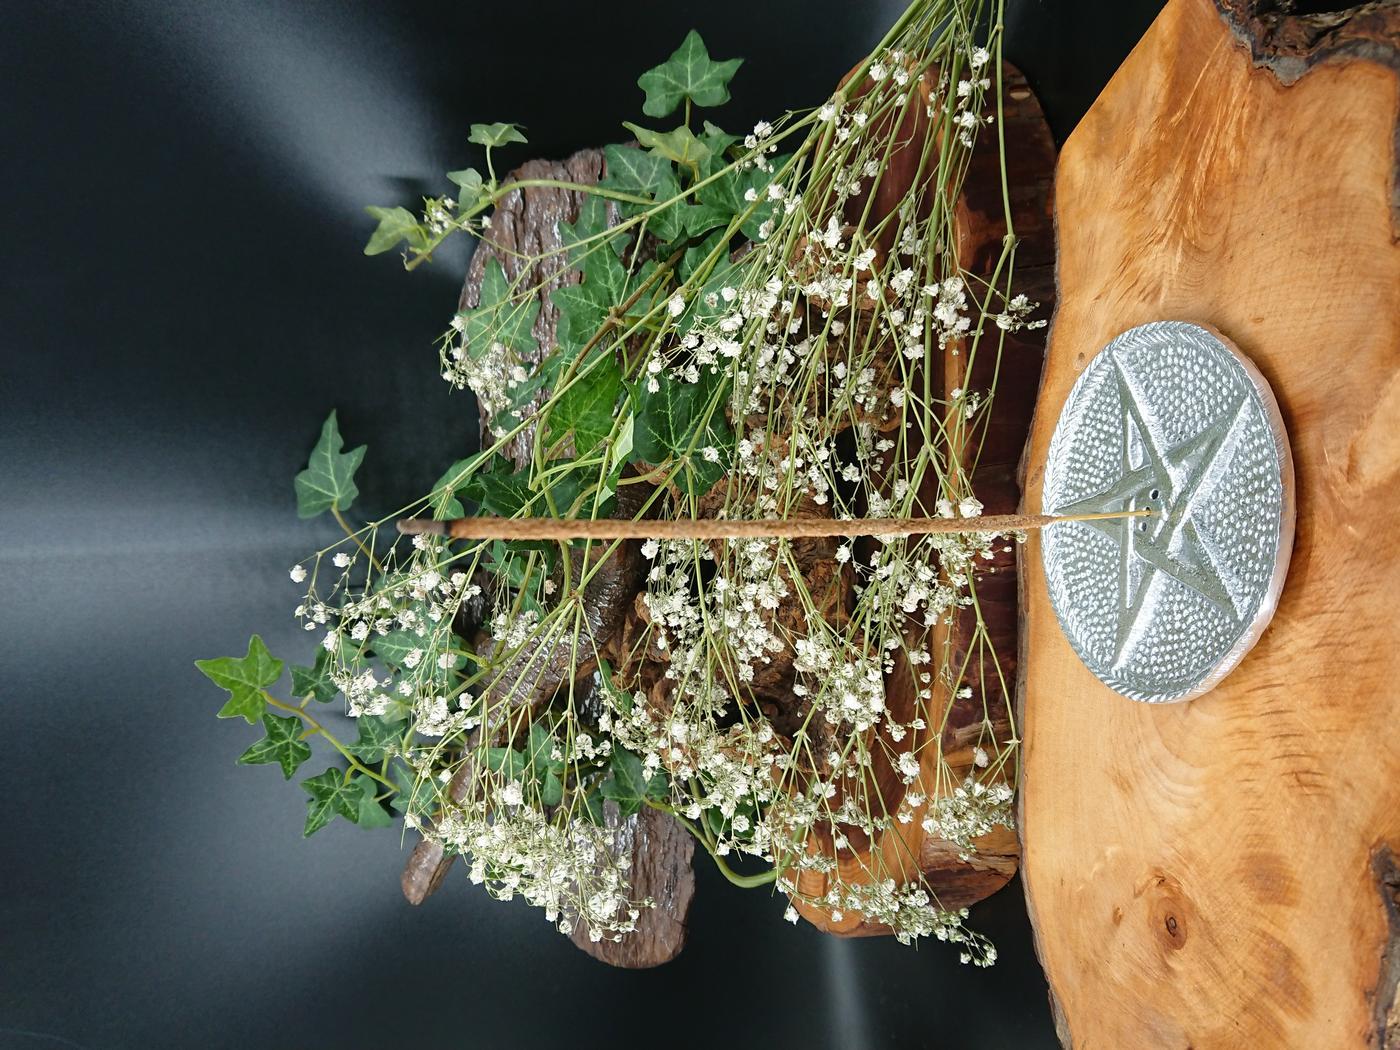 Silver-toned Pentagram incense holder